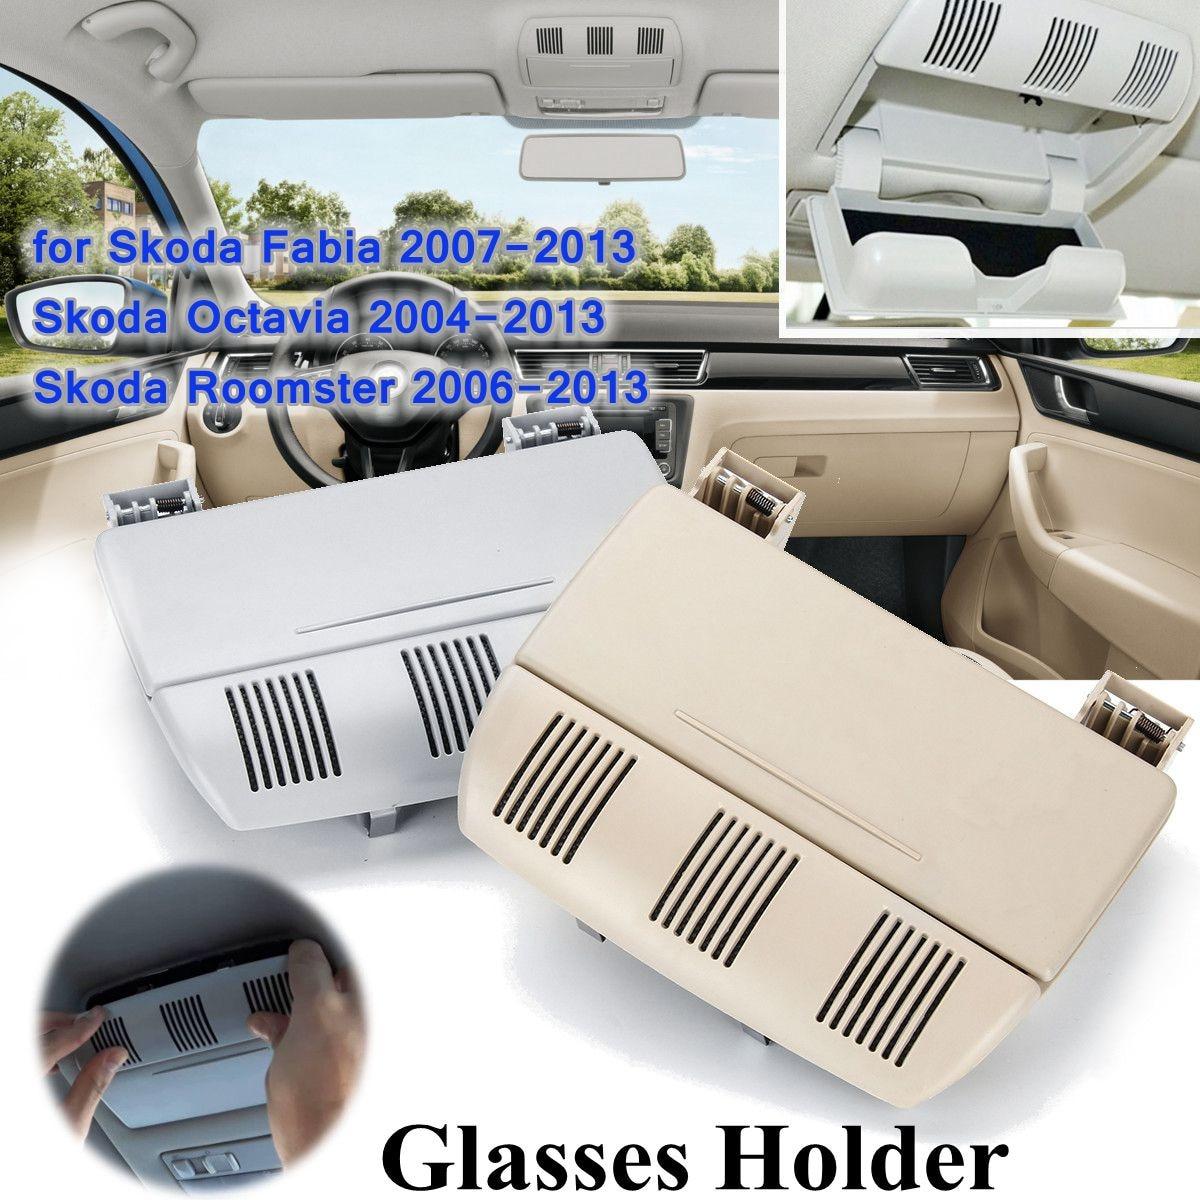 Автомобильный держатель для солнцезащитных очков, держатель для очков, ящик для хранения для Skoda Fabia Octavia Roomster 1Z0 868 565 1Z0868565E 2004-2013